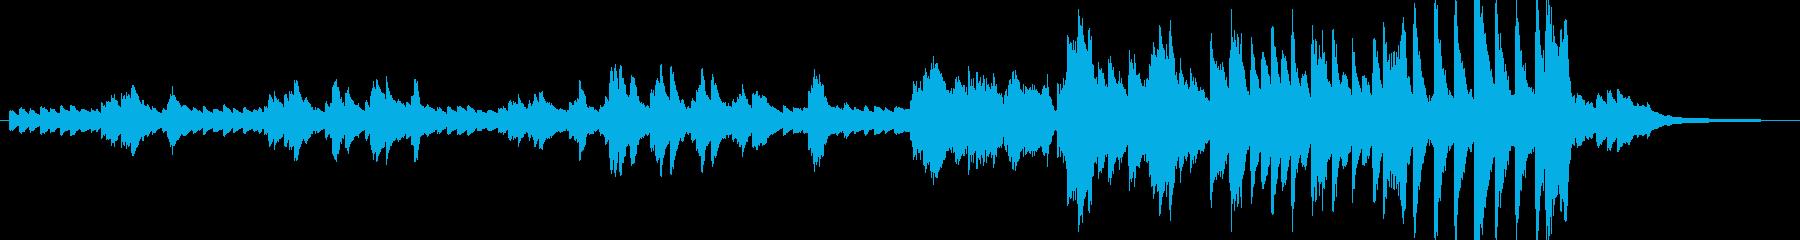 近代フランス風の曲の再生済みの波形